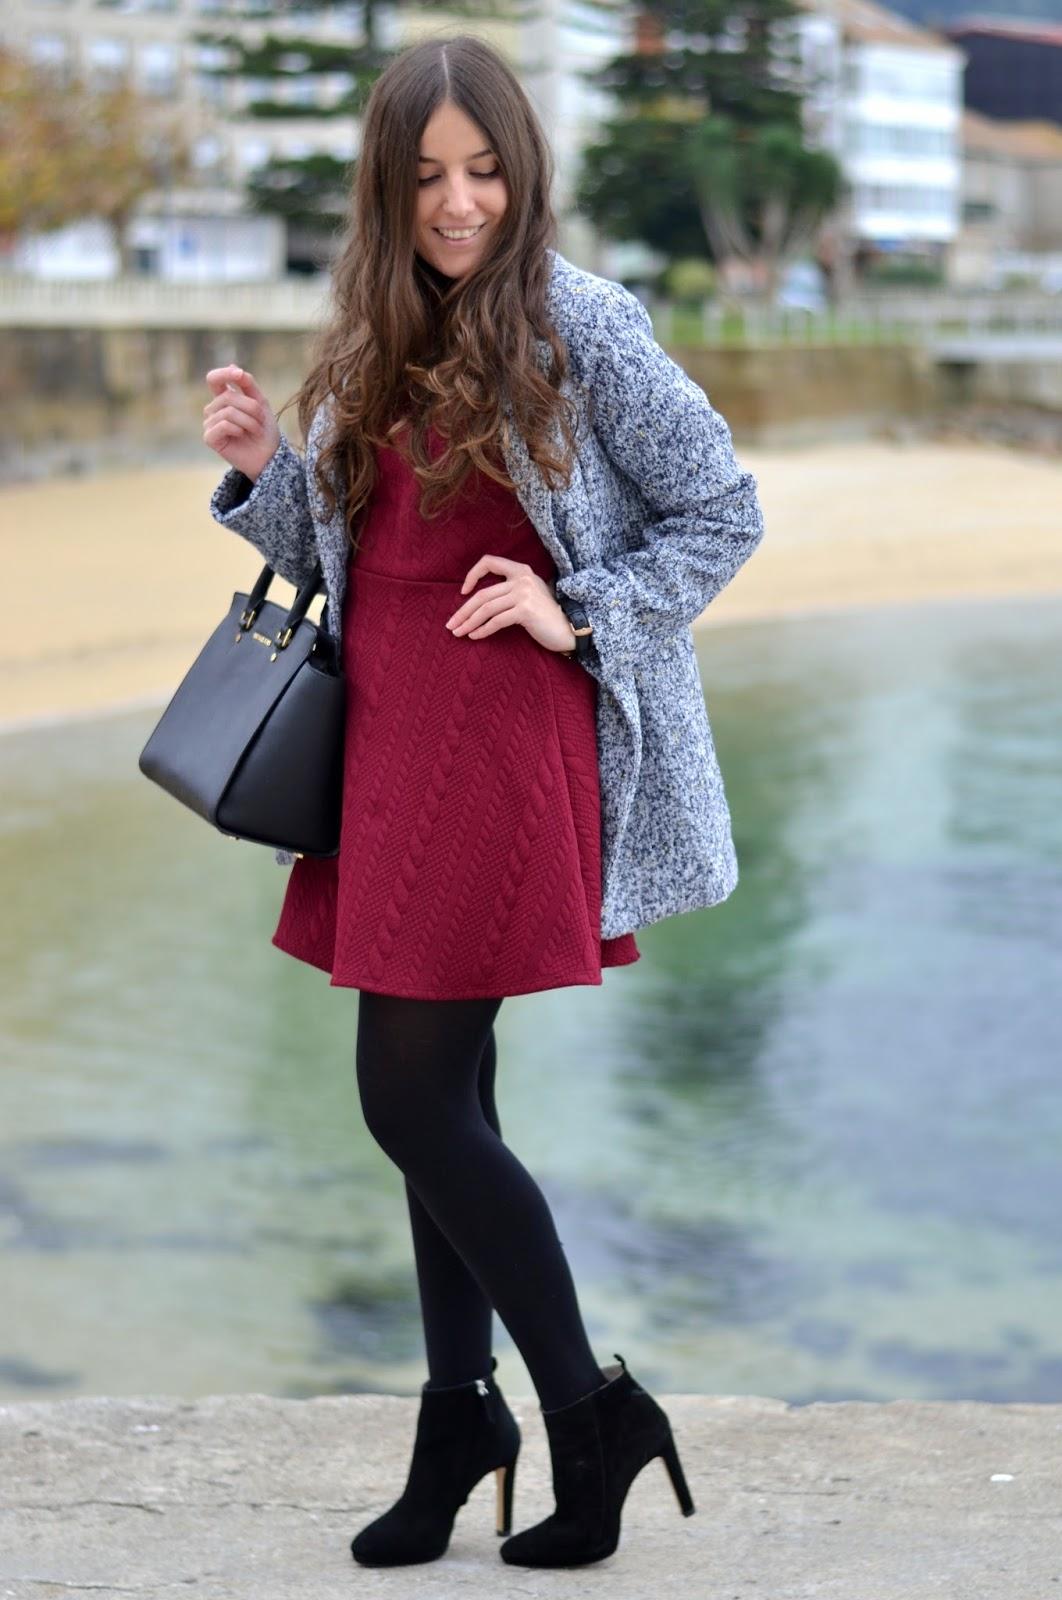 Vestido burgundy, abrigo gris y bolso negro